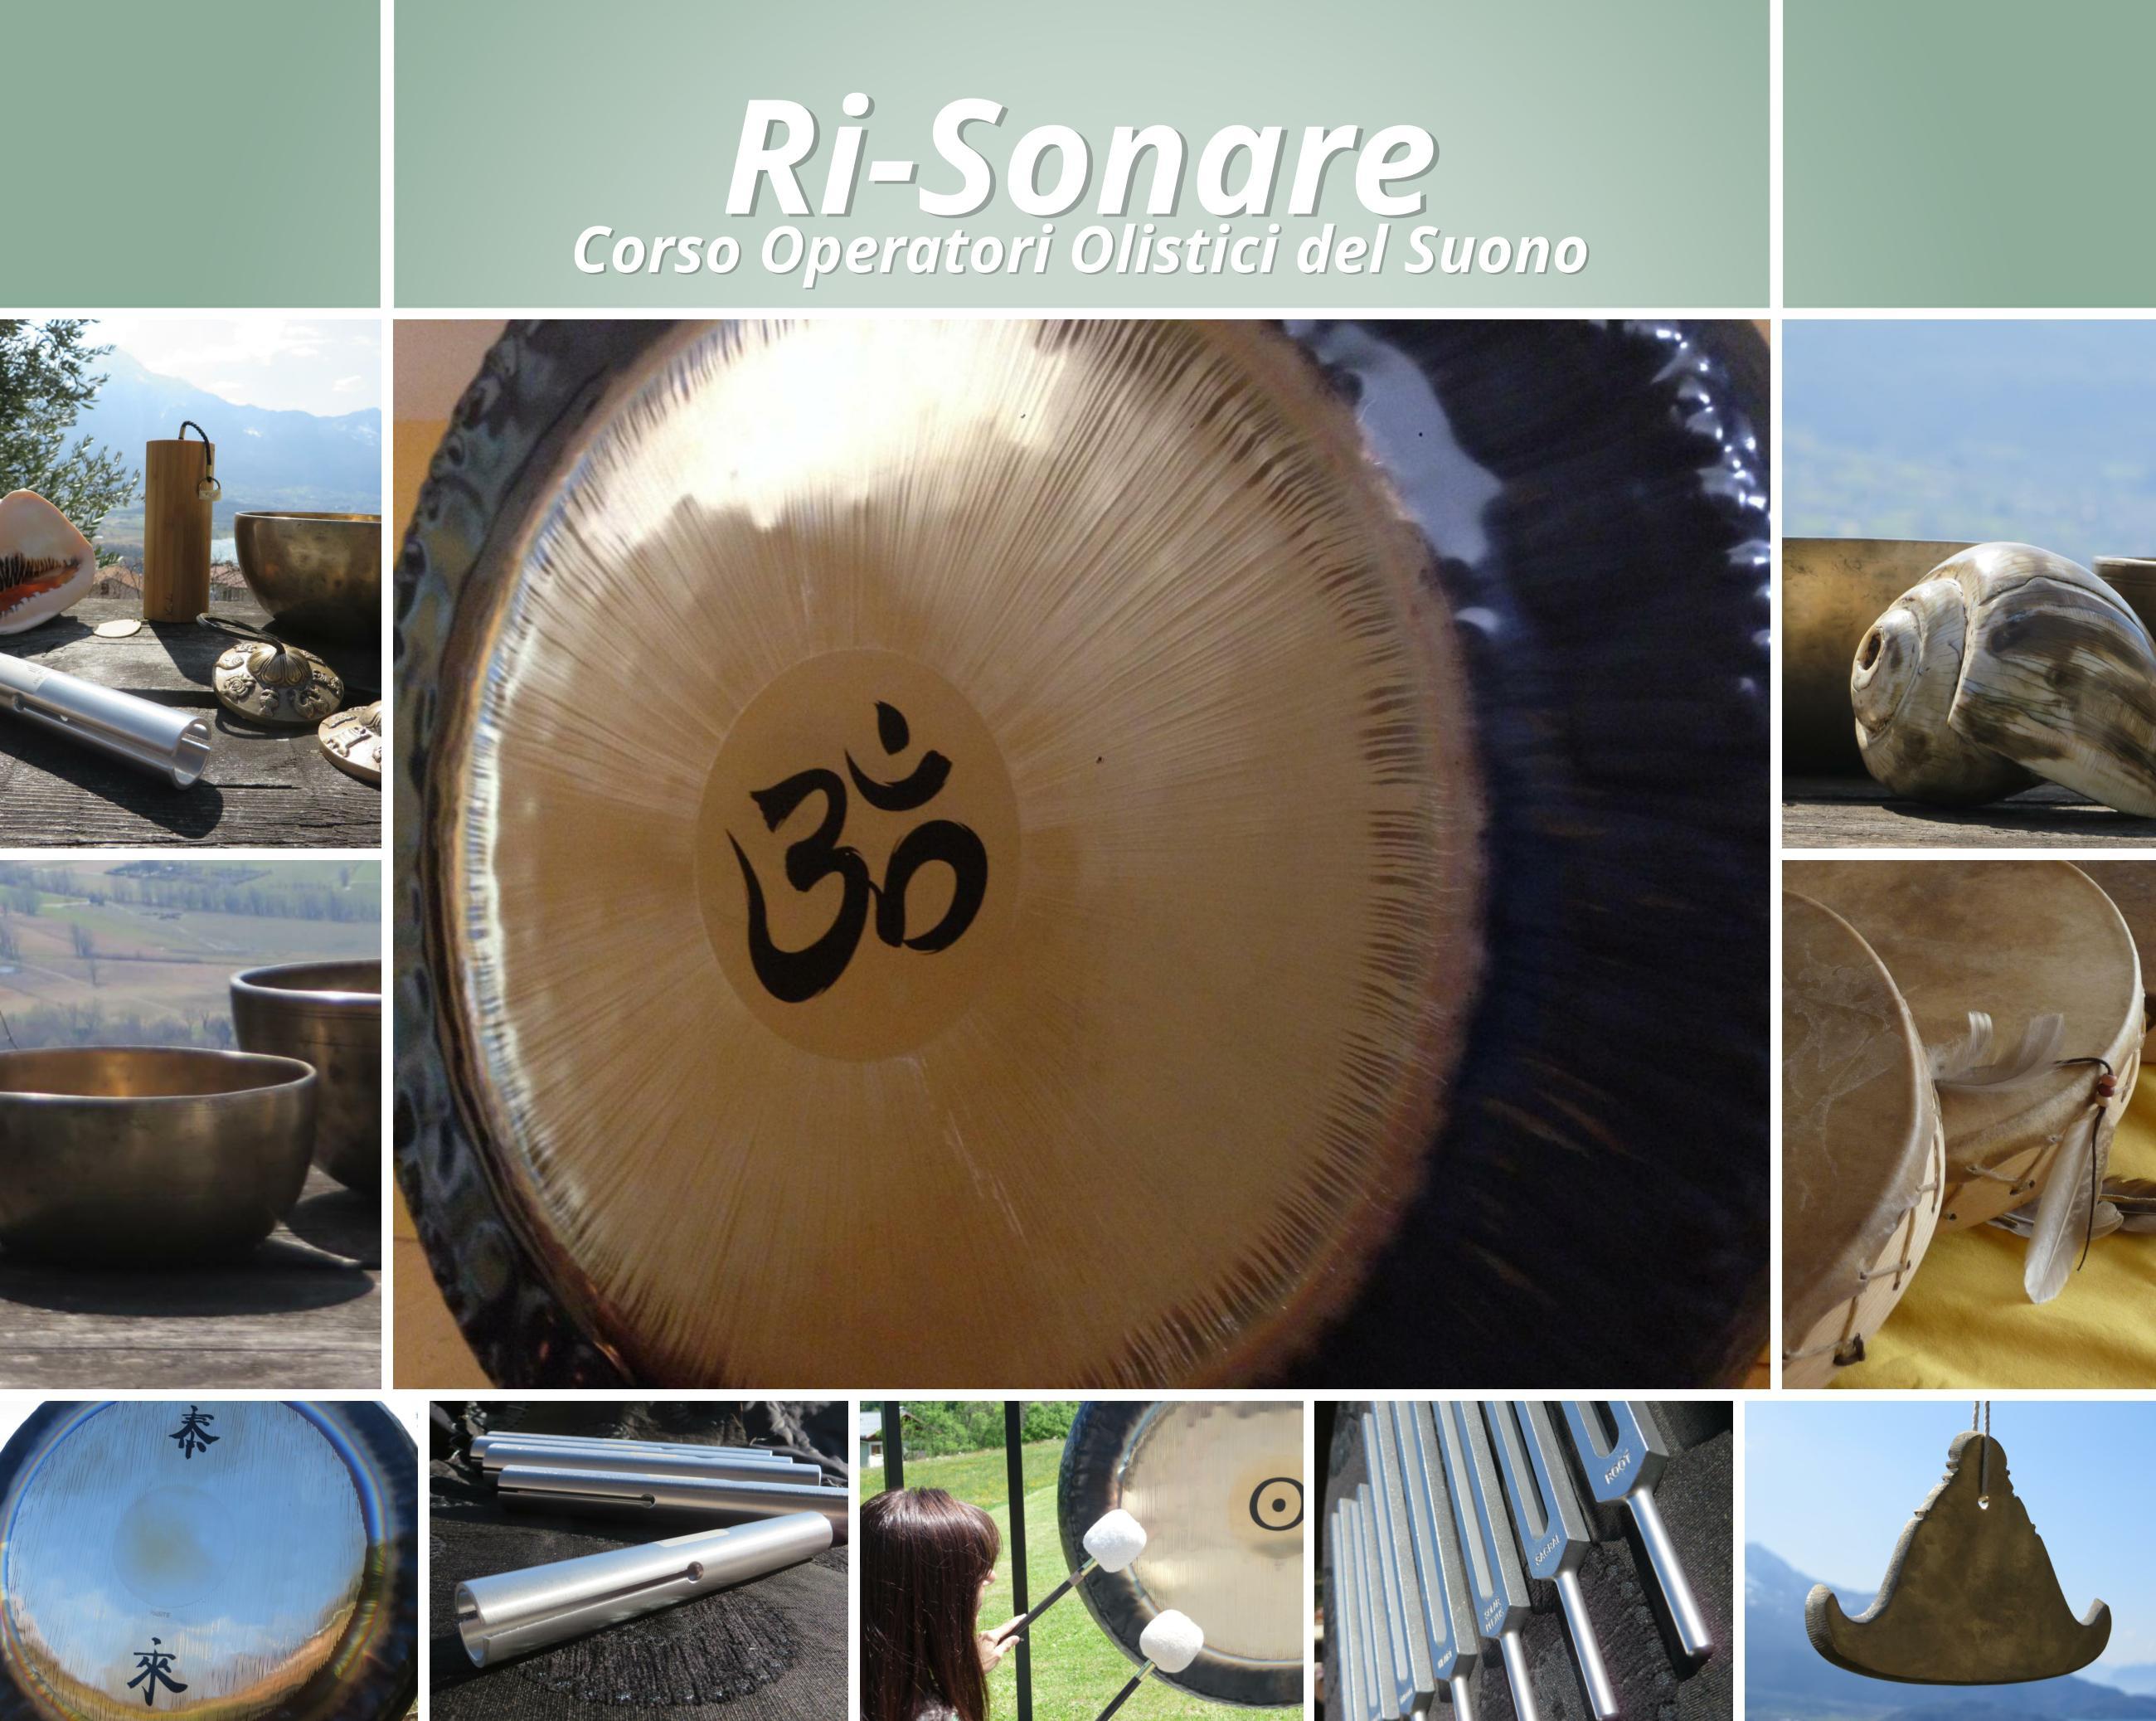 immagine-ri-sonare